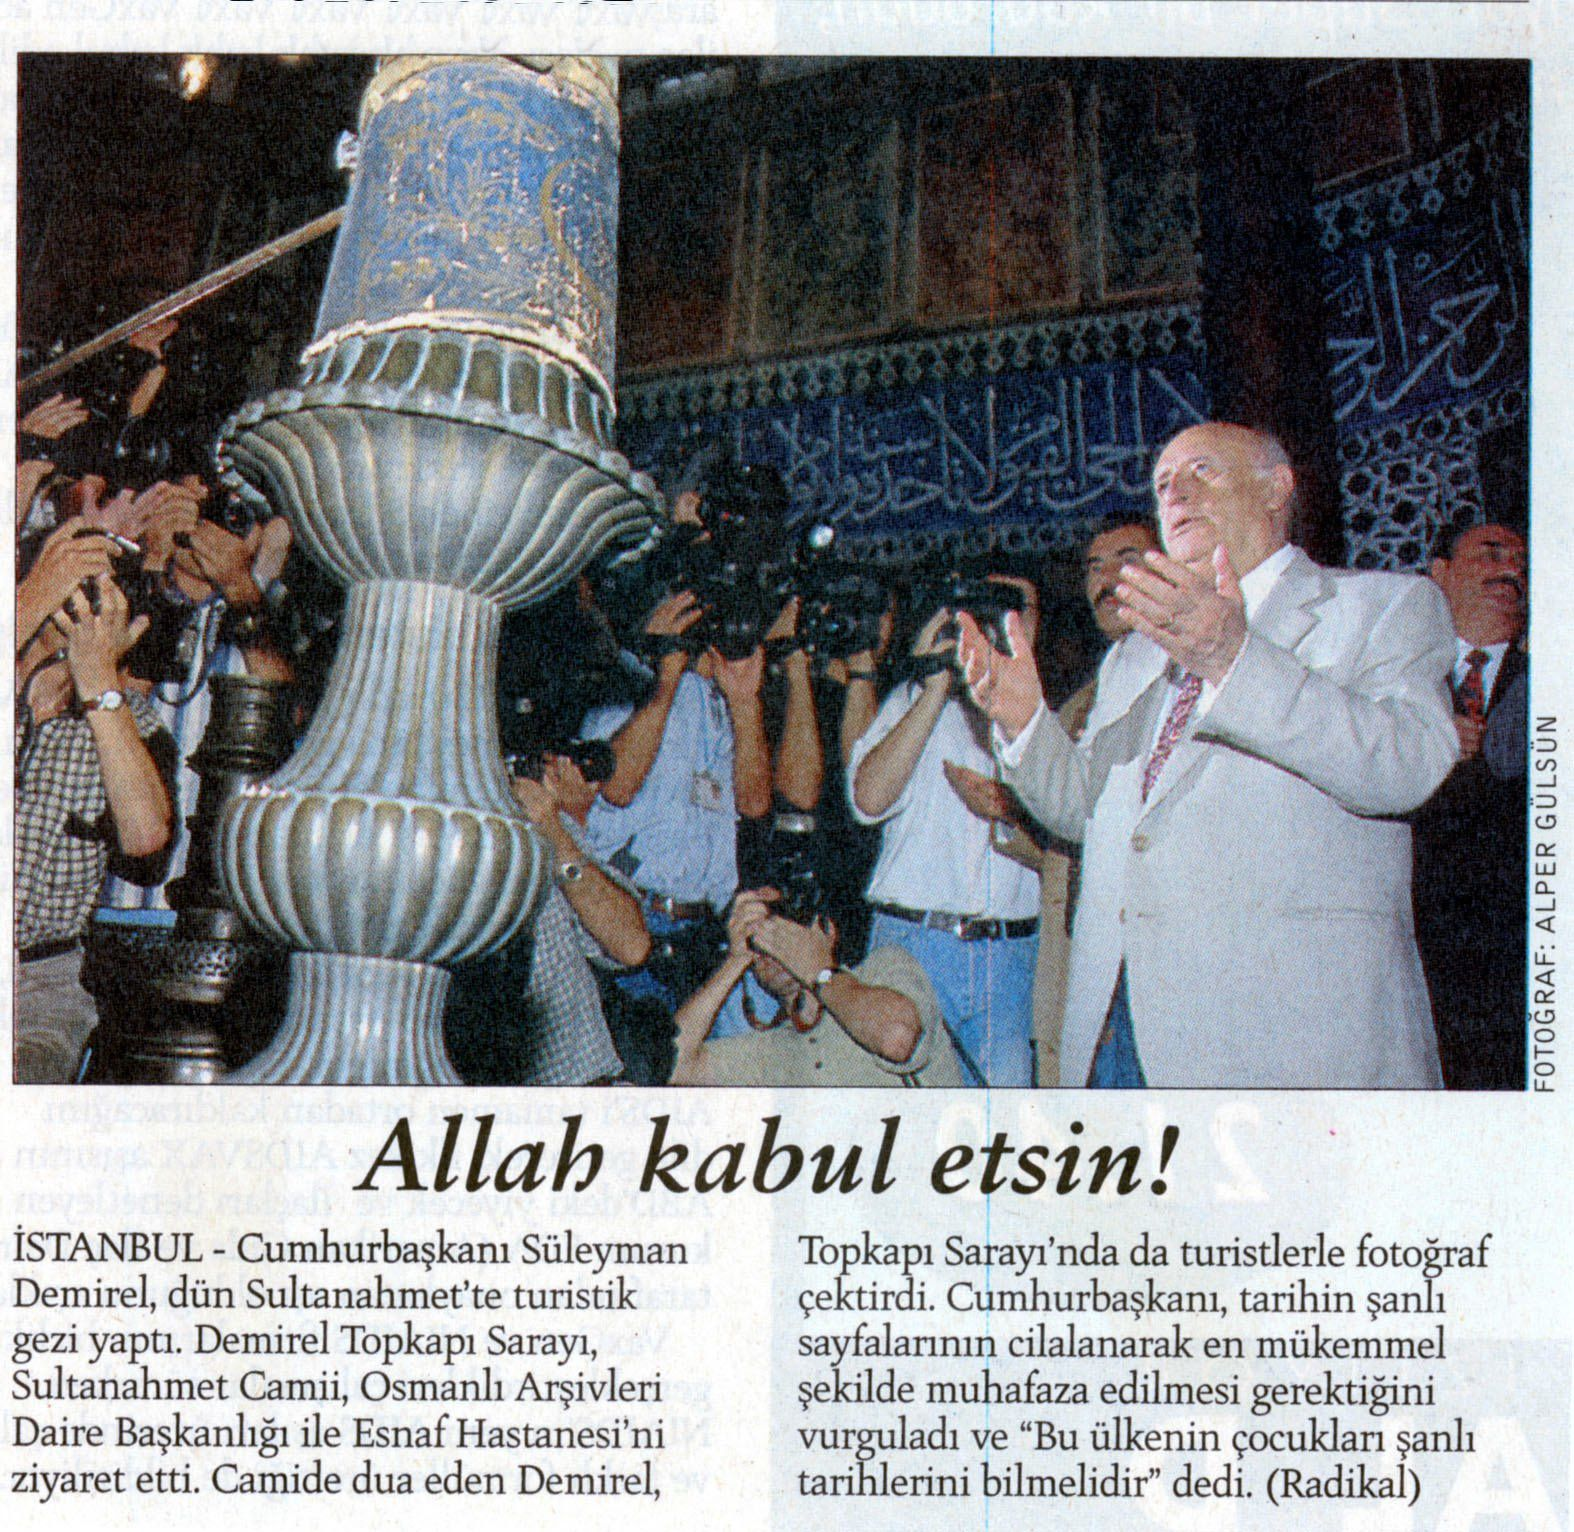 Le président Demirel en prière à la Mosquée bleue. Radikal, cliché Alper Gülsün, 20 aout 1998